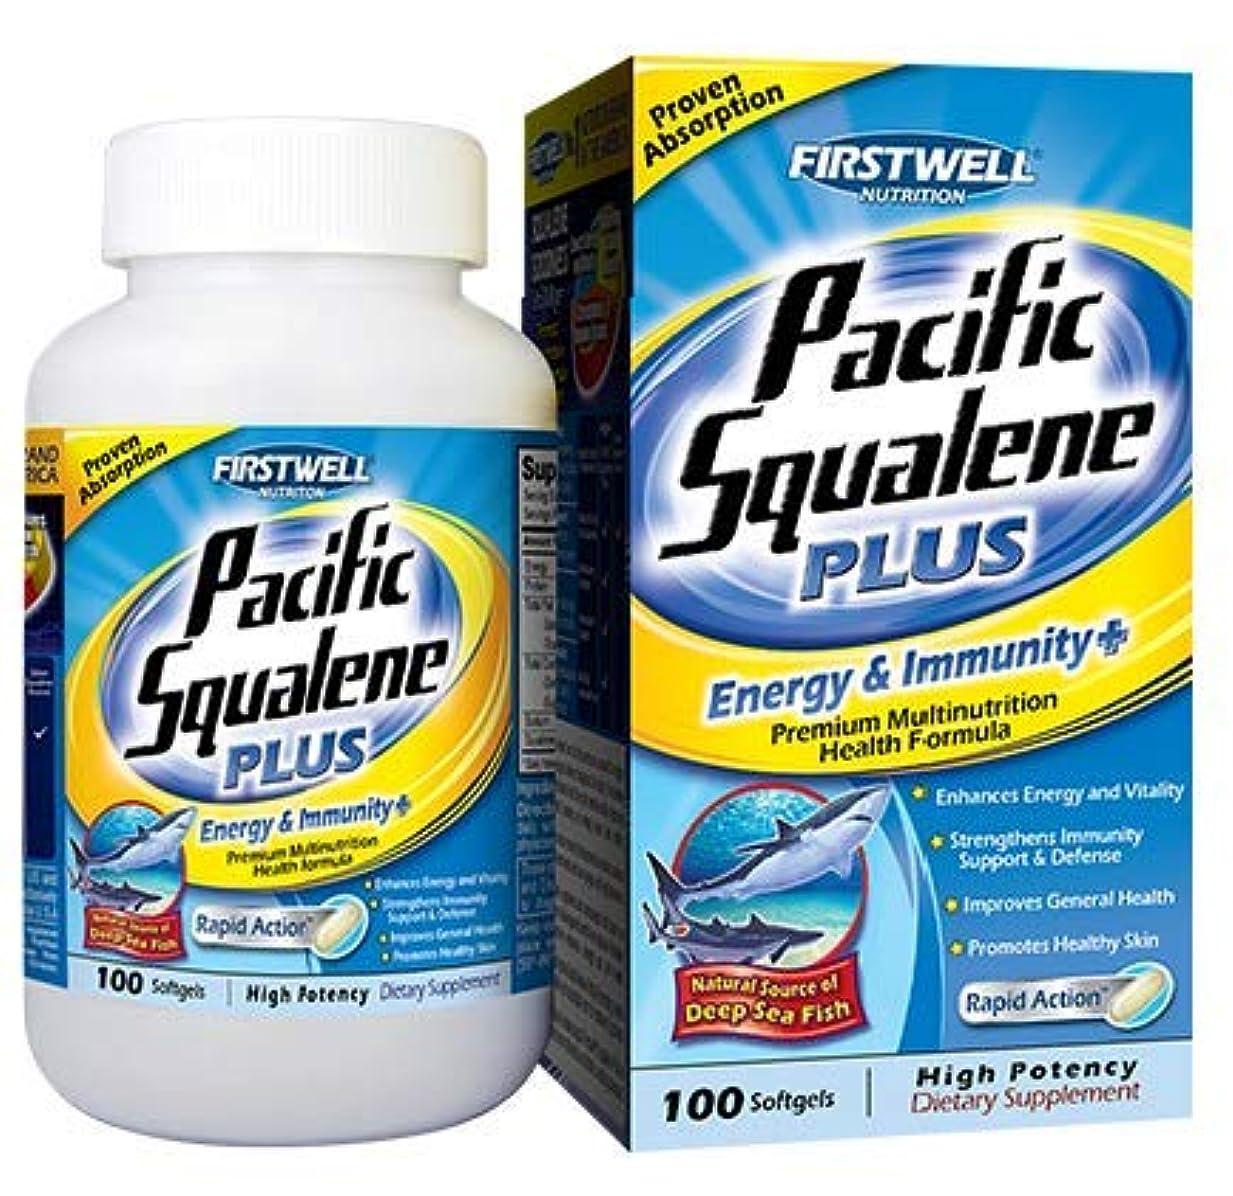 硫黄早めるアドバンテージFIRSTWELL Pacific Squalene 100'S 太平洋スクアレン